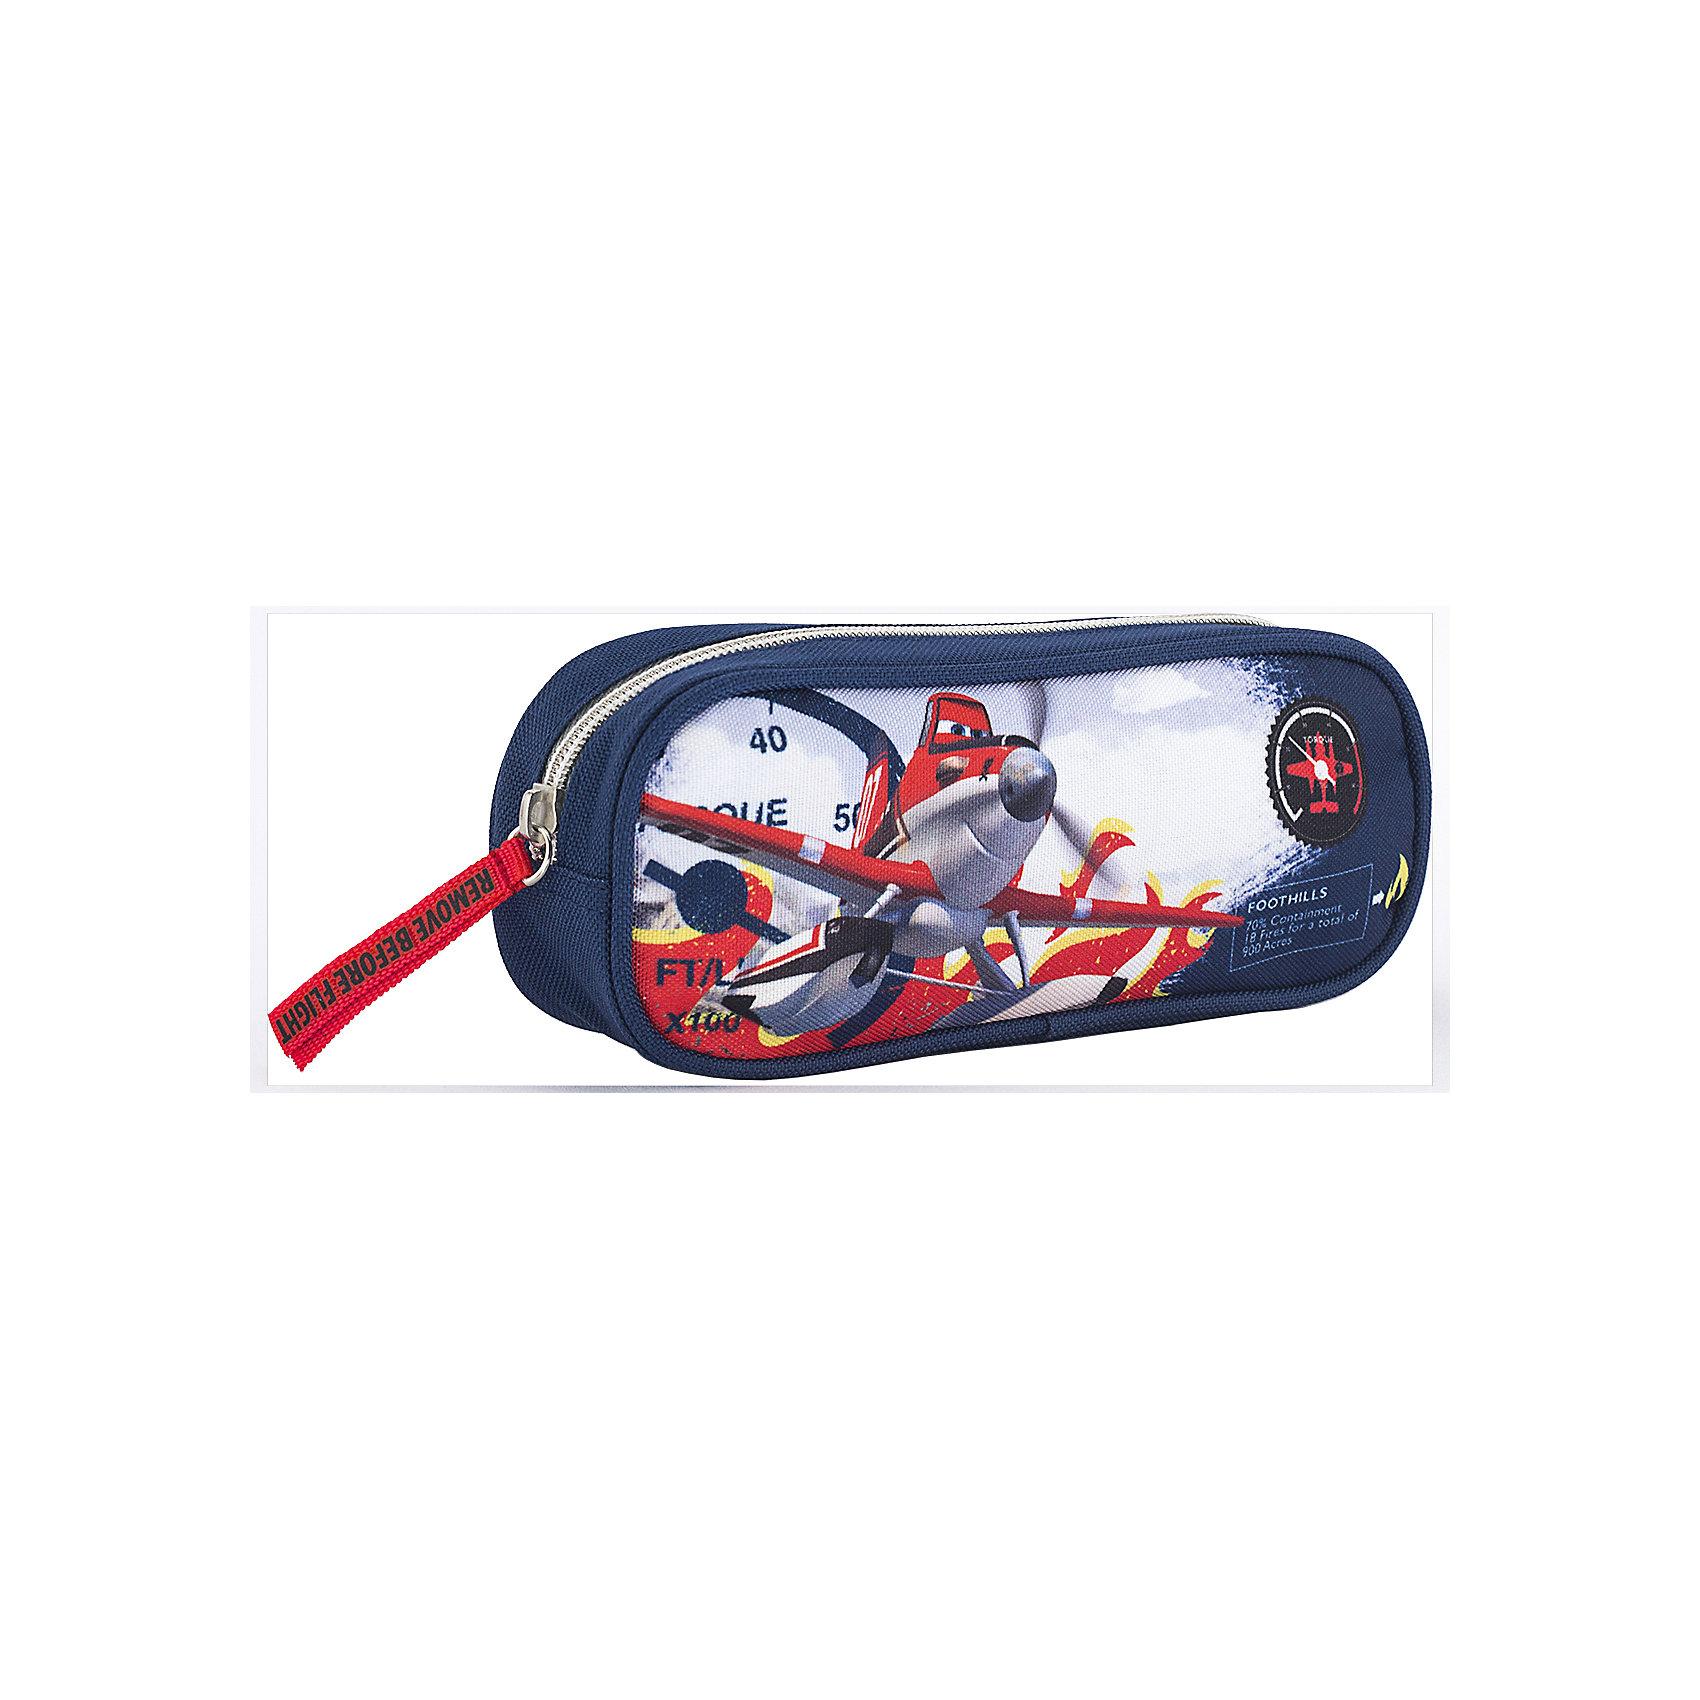 Пенал-косметичка Kinderline СамолетыСамолеты<br>Характеристики товара:<br><br>• цвет: синий<br>• есть внутренний карман;<br>• размер: 5х21х8 см;<br>• материал: полиэстер;<br>• возраст: от 4 лет;<br>• вес: 71 грамм;<br>• страна: Китай.<br><br>Пенал - один из самых необходимых предметов для учебы и занятий ребенка. Основное отделение пенала Planes застегивается на молнию.<br><br>Внутри есть небольшой карман для маленьких предметов. Пенал изготовлен из прочного полиэстера. Изделие декорировано принтом с героями мультфильма «Самолеты».<br><br>Planes (Самолеты) Пенал Размер 8 х 21 х 5 см можно купить в нашем интернет-магазине.<br><br>Ширина мм: 80<br>Глубина мм: 210<br>Высота мм: 50<br>Вес г: 71<br>Возраст от месяцев: 48<br>Возраст до месяцев: 2147483647<br>Пол: Мужской<br>Возраст: Детский<br>SKU: 6892481